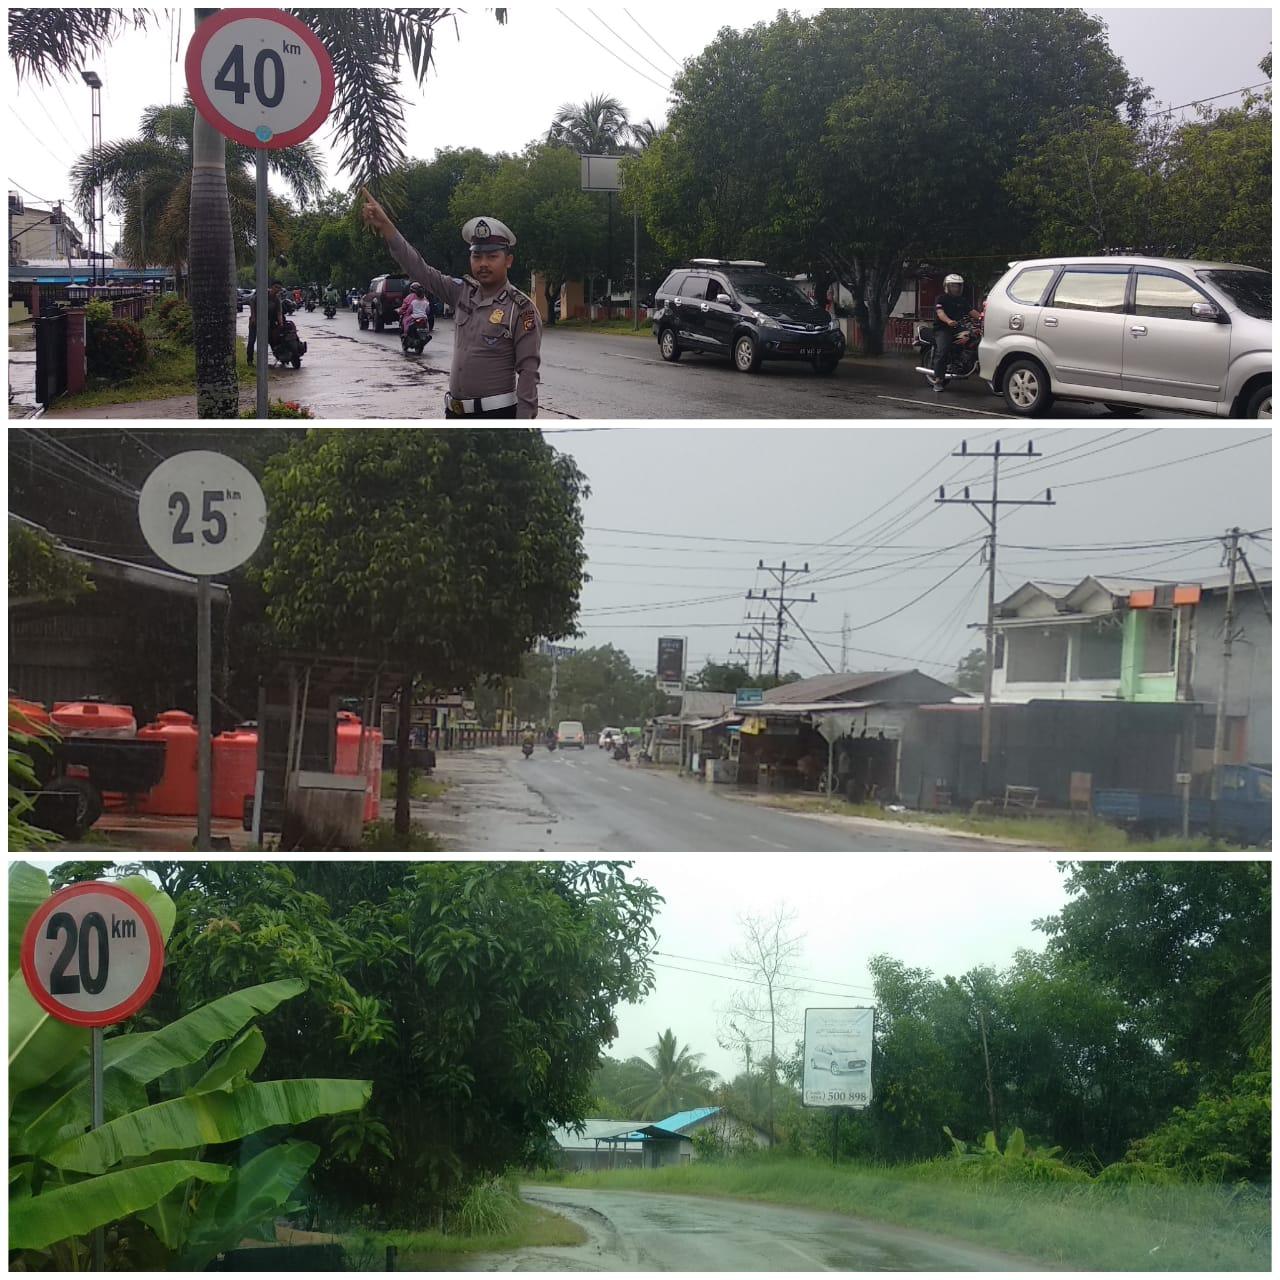 Pendataan Rambu Batas Kecepatan Maksimal yang ada di wilayah Kota Ketapang